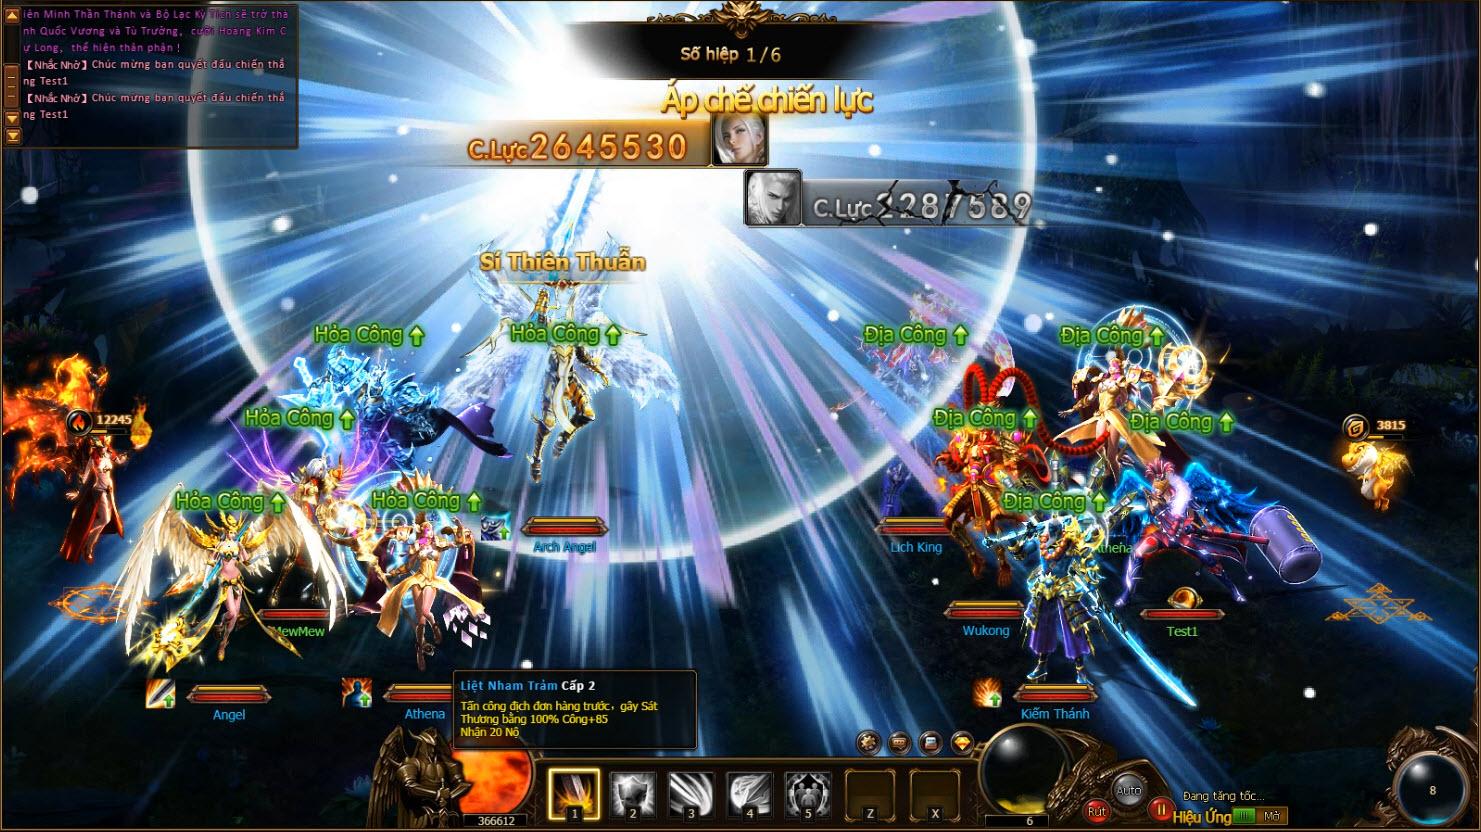 Game of Dragons - Truyền nhân của webgame Thần Khúc đã Việt hóa xong 2